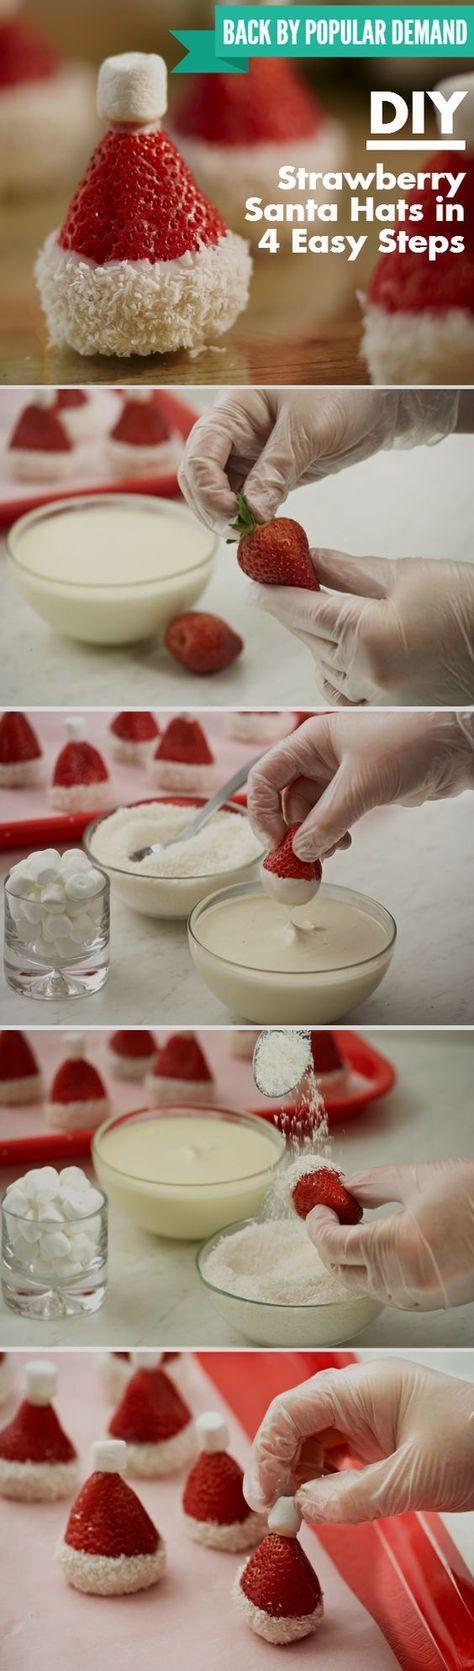 Tutoriels en image super simple pour un buffet de Noël réussi. Des mignons petits chapeaux du Père Noël.